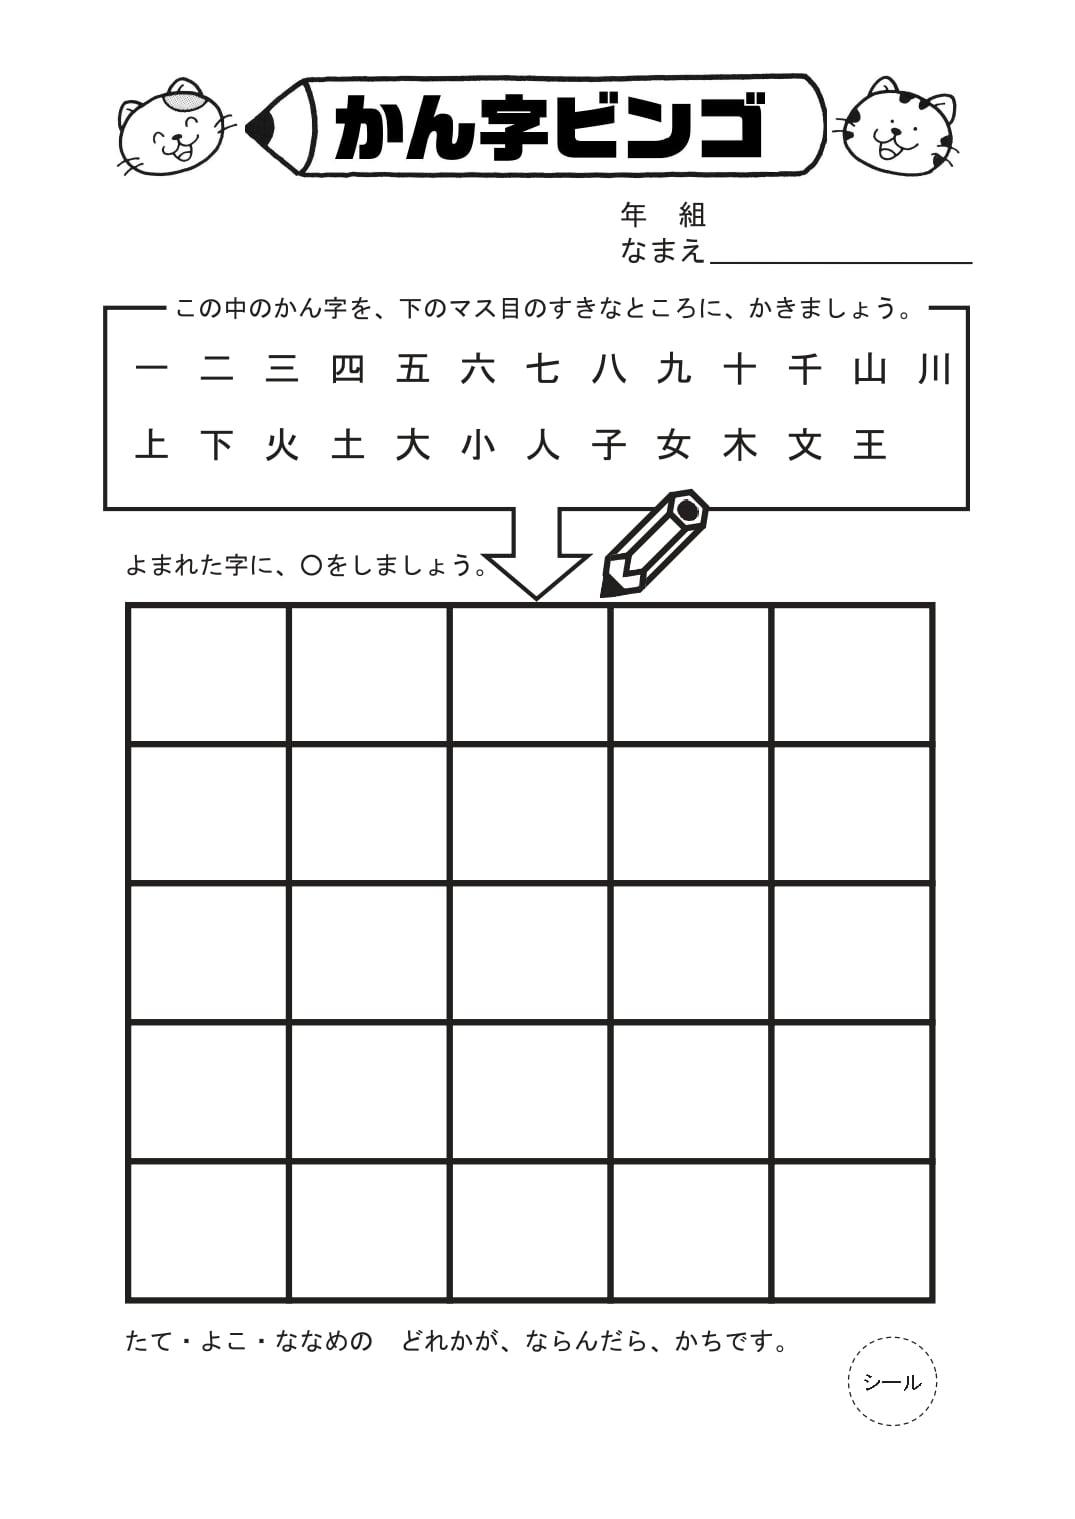 漢字ビンゴカード